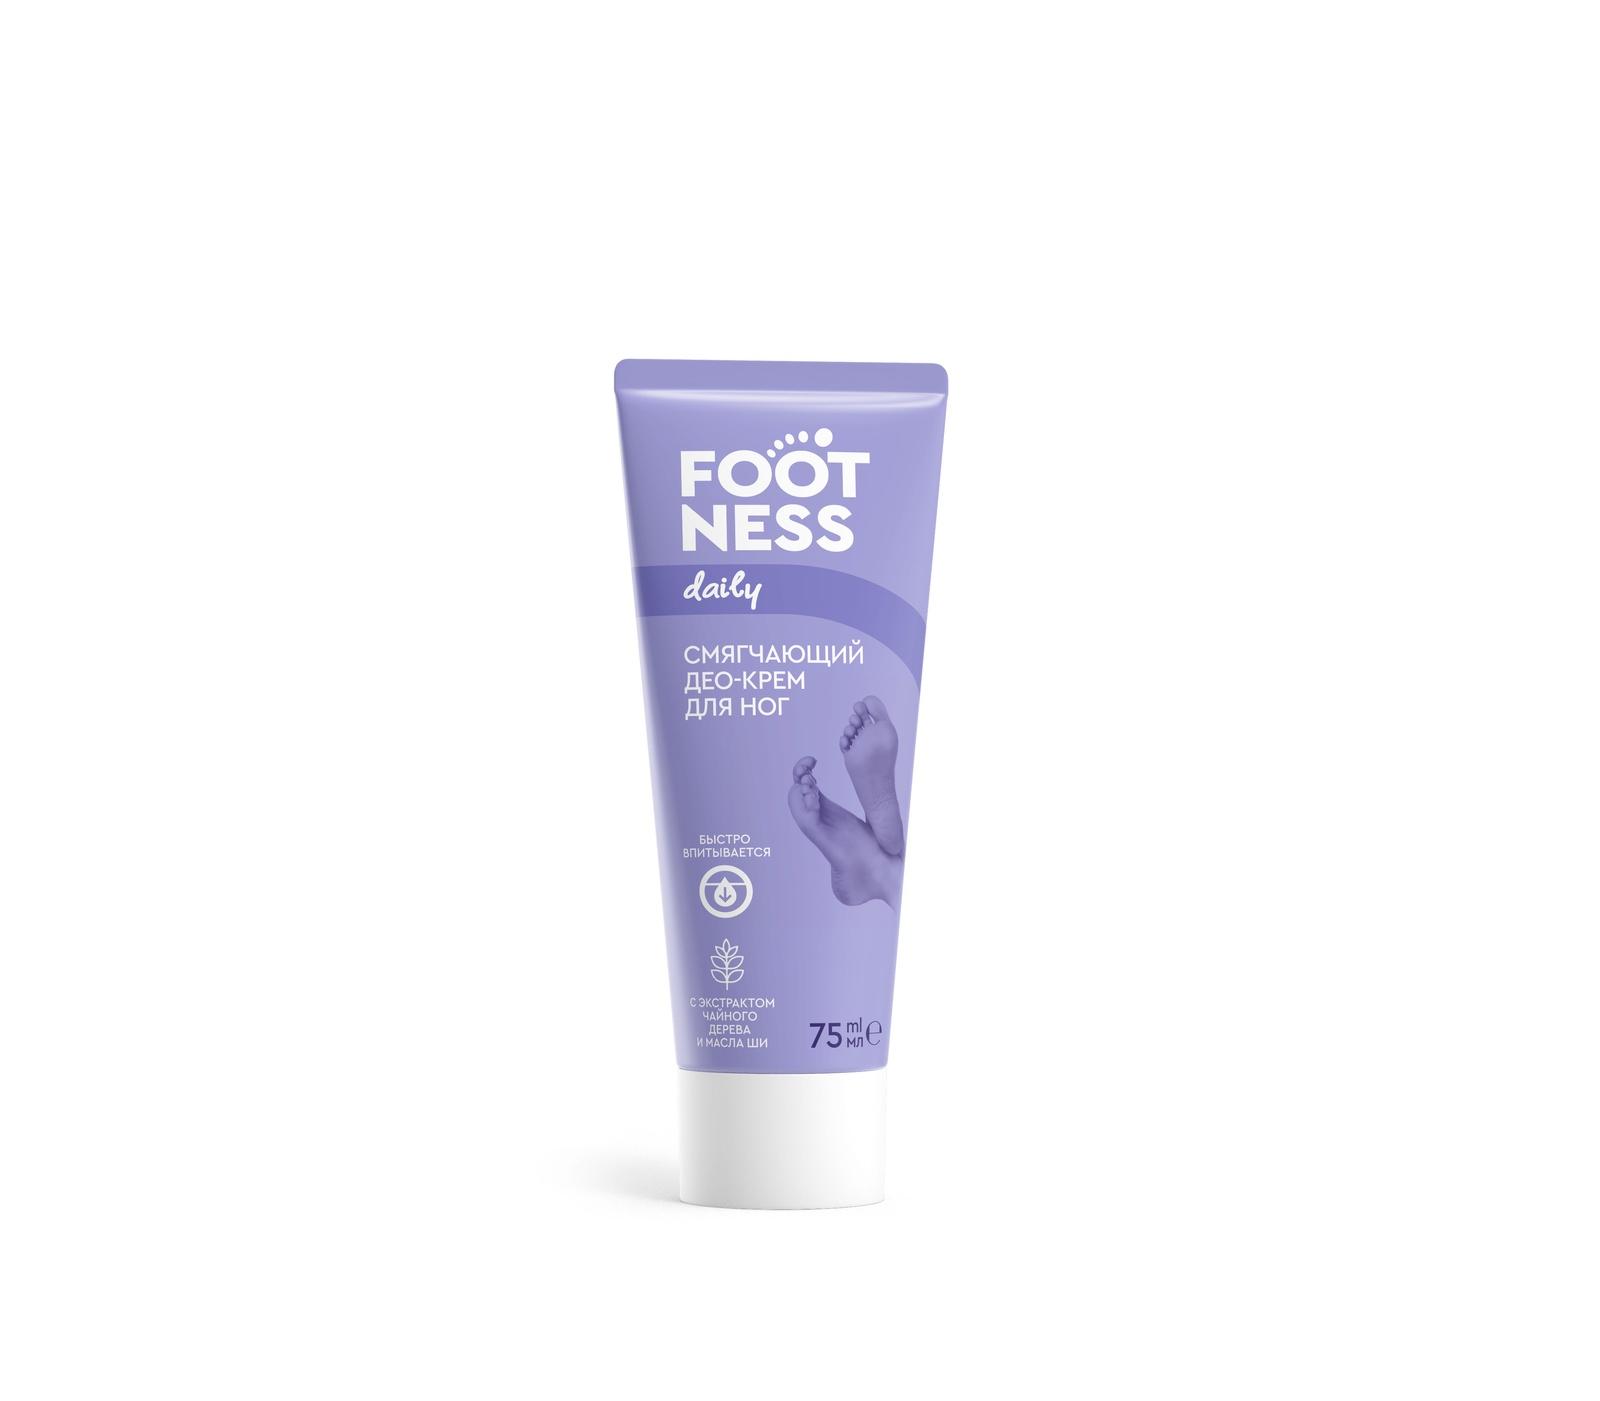 Смягчающий Део-крем для ног 3 в 1 Footness